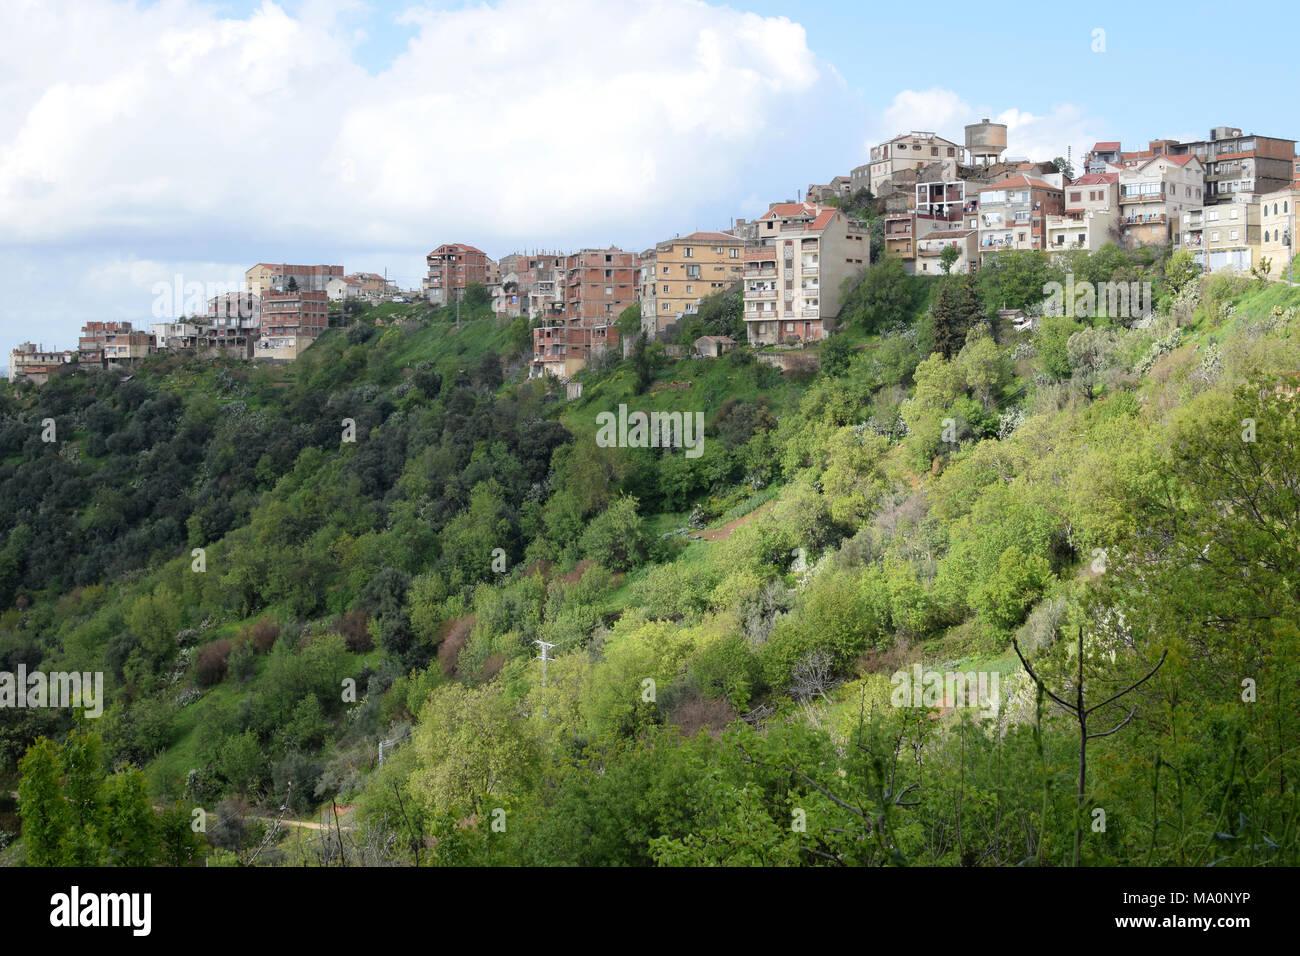 Una vista generale di un villaggio in Kabylie, Tizi Ouzou, Algeria Immagini Stock